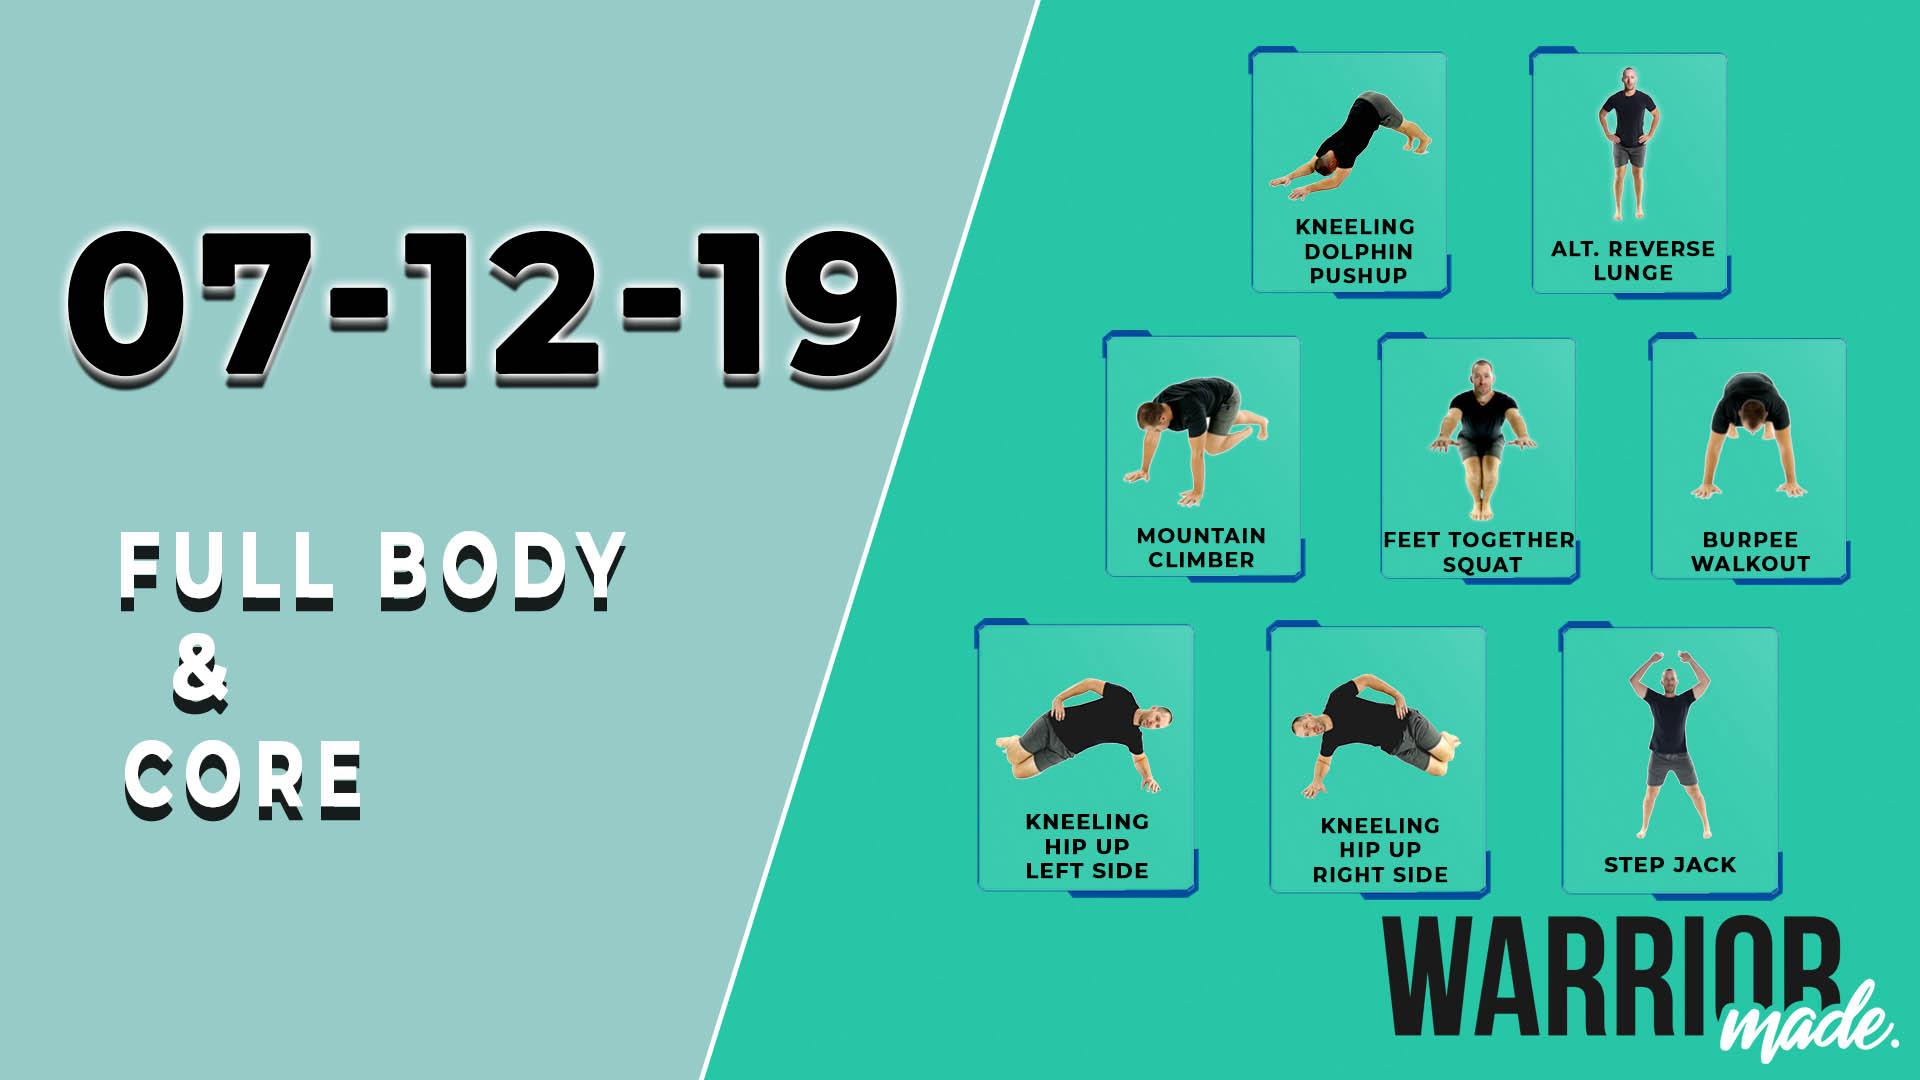 workouts-07-12-19